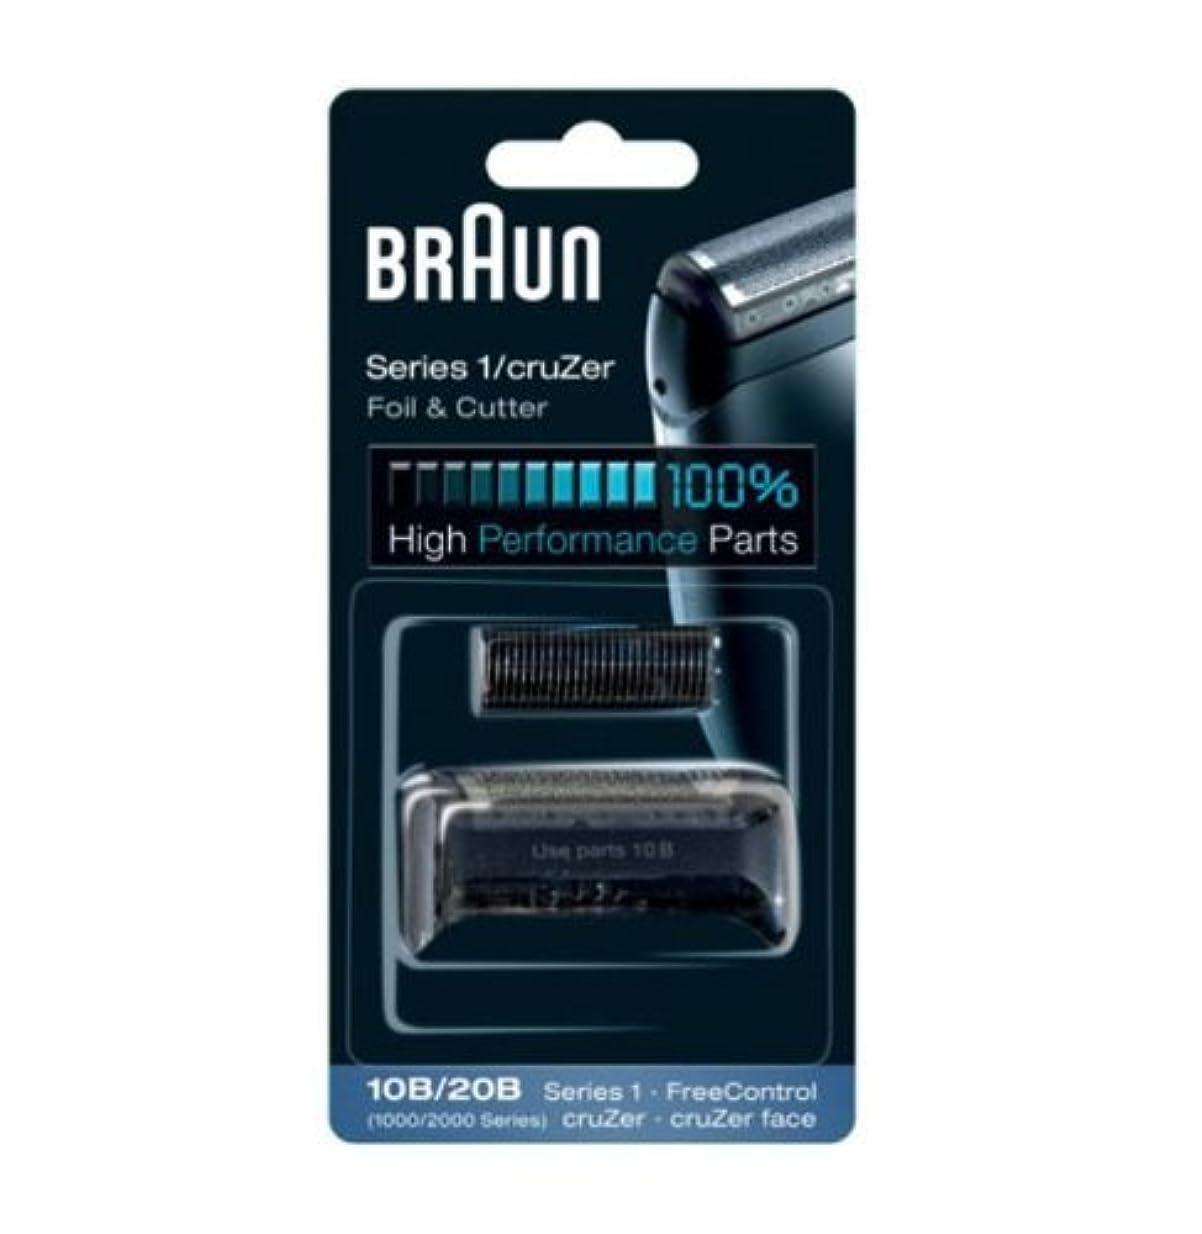 好色な施し常識Braun Replacement Foil & Cutter - 10B, Series 1,FreeControl - 1000 Series by Braun [並行輸入品]